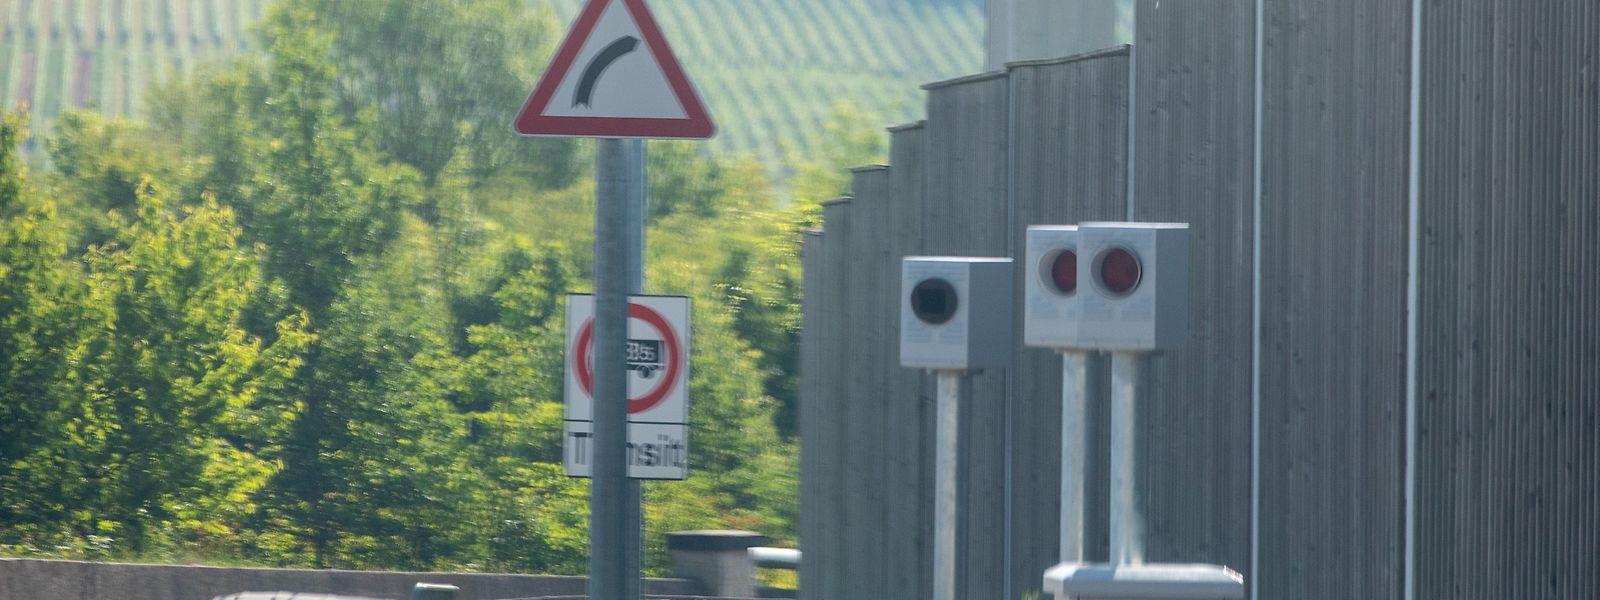 Installés aux abords du tunnel du Markusberg, les boîtiers du deuxième radar-tronçon du Luxembourg entrent en phase de test à compter de ce lundi. Pour une durée indéterminée.